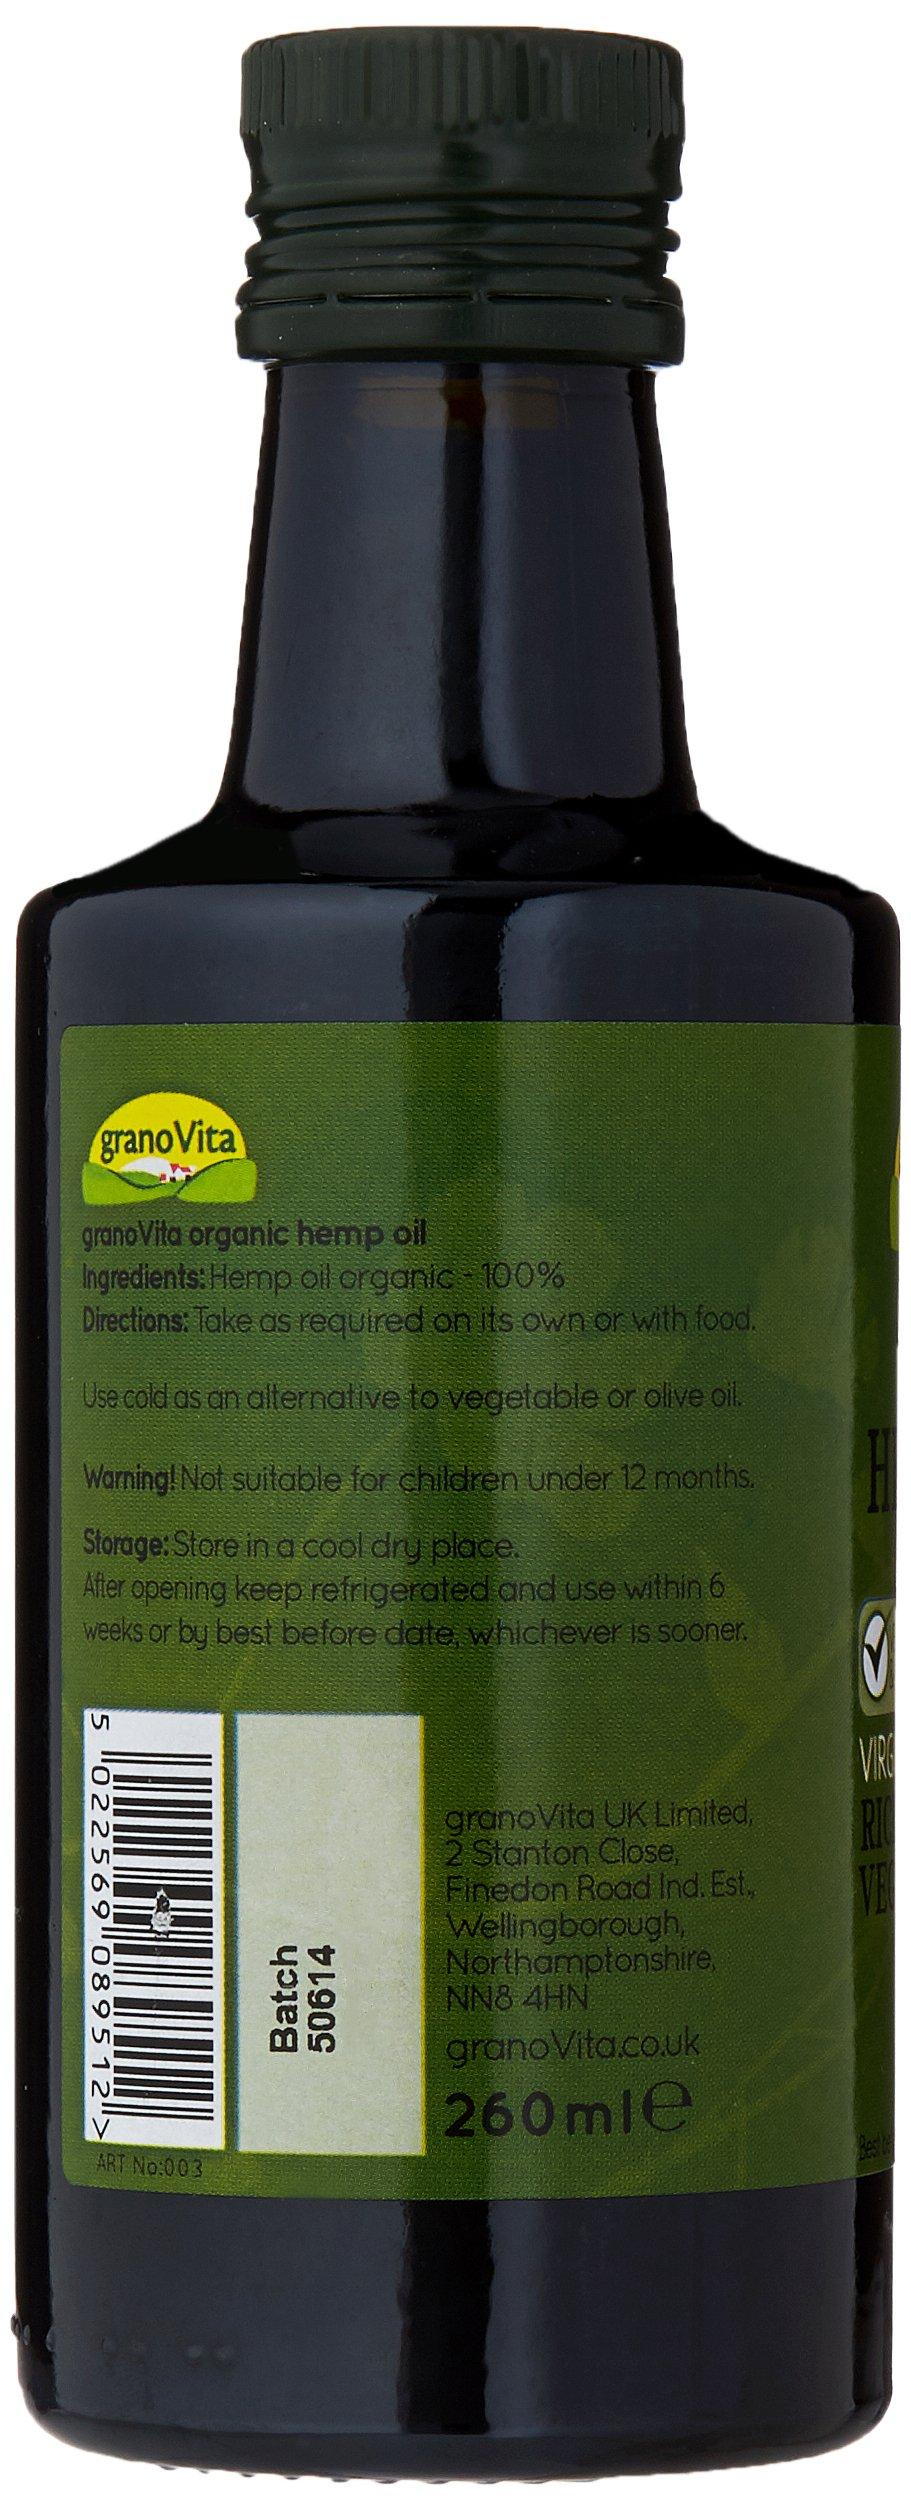 Granovita Hemp Organic Oil 260 ml (Pack of 2)